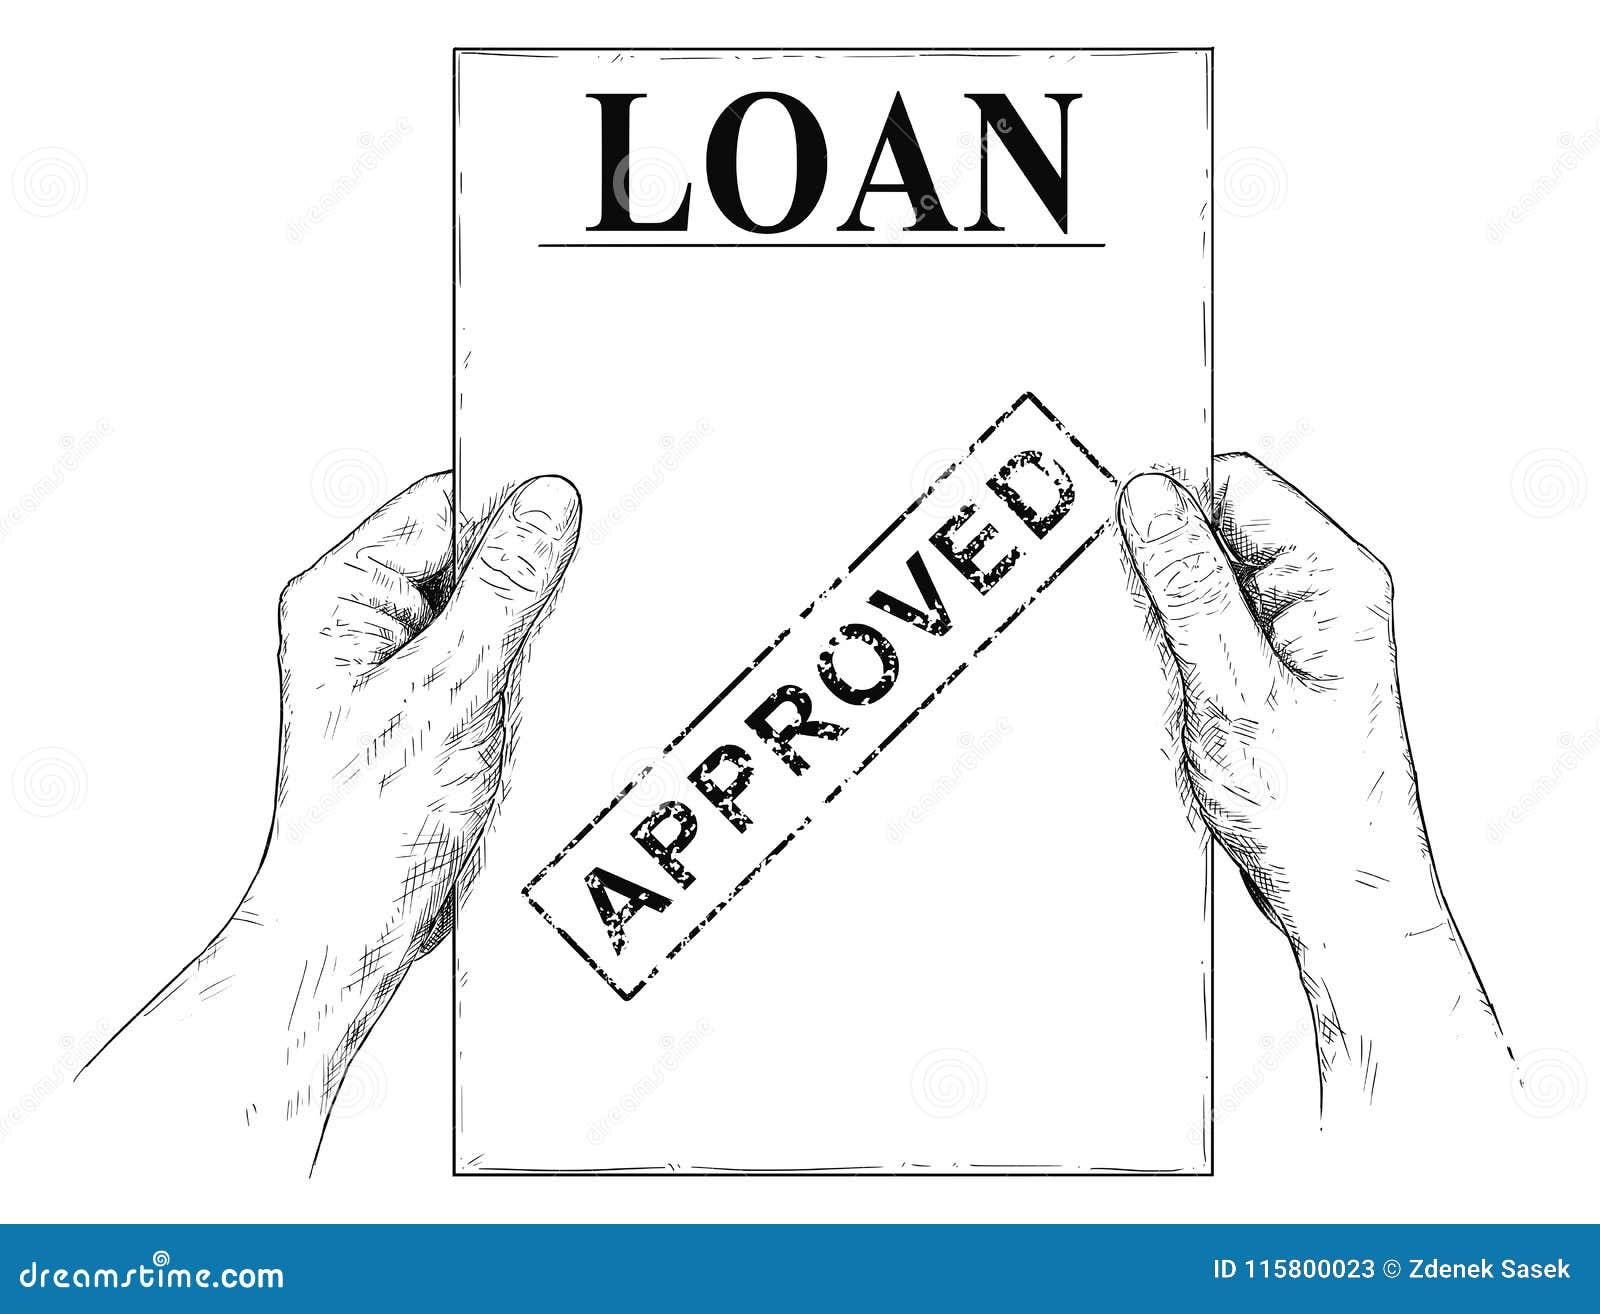 传染媒介拿着批准的借款申请文件的手艺术性的例证或图画